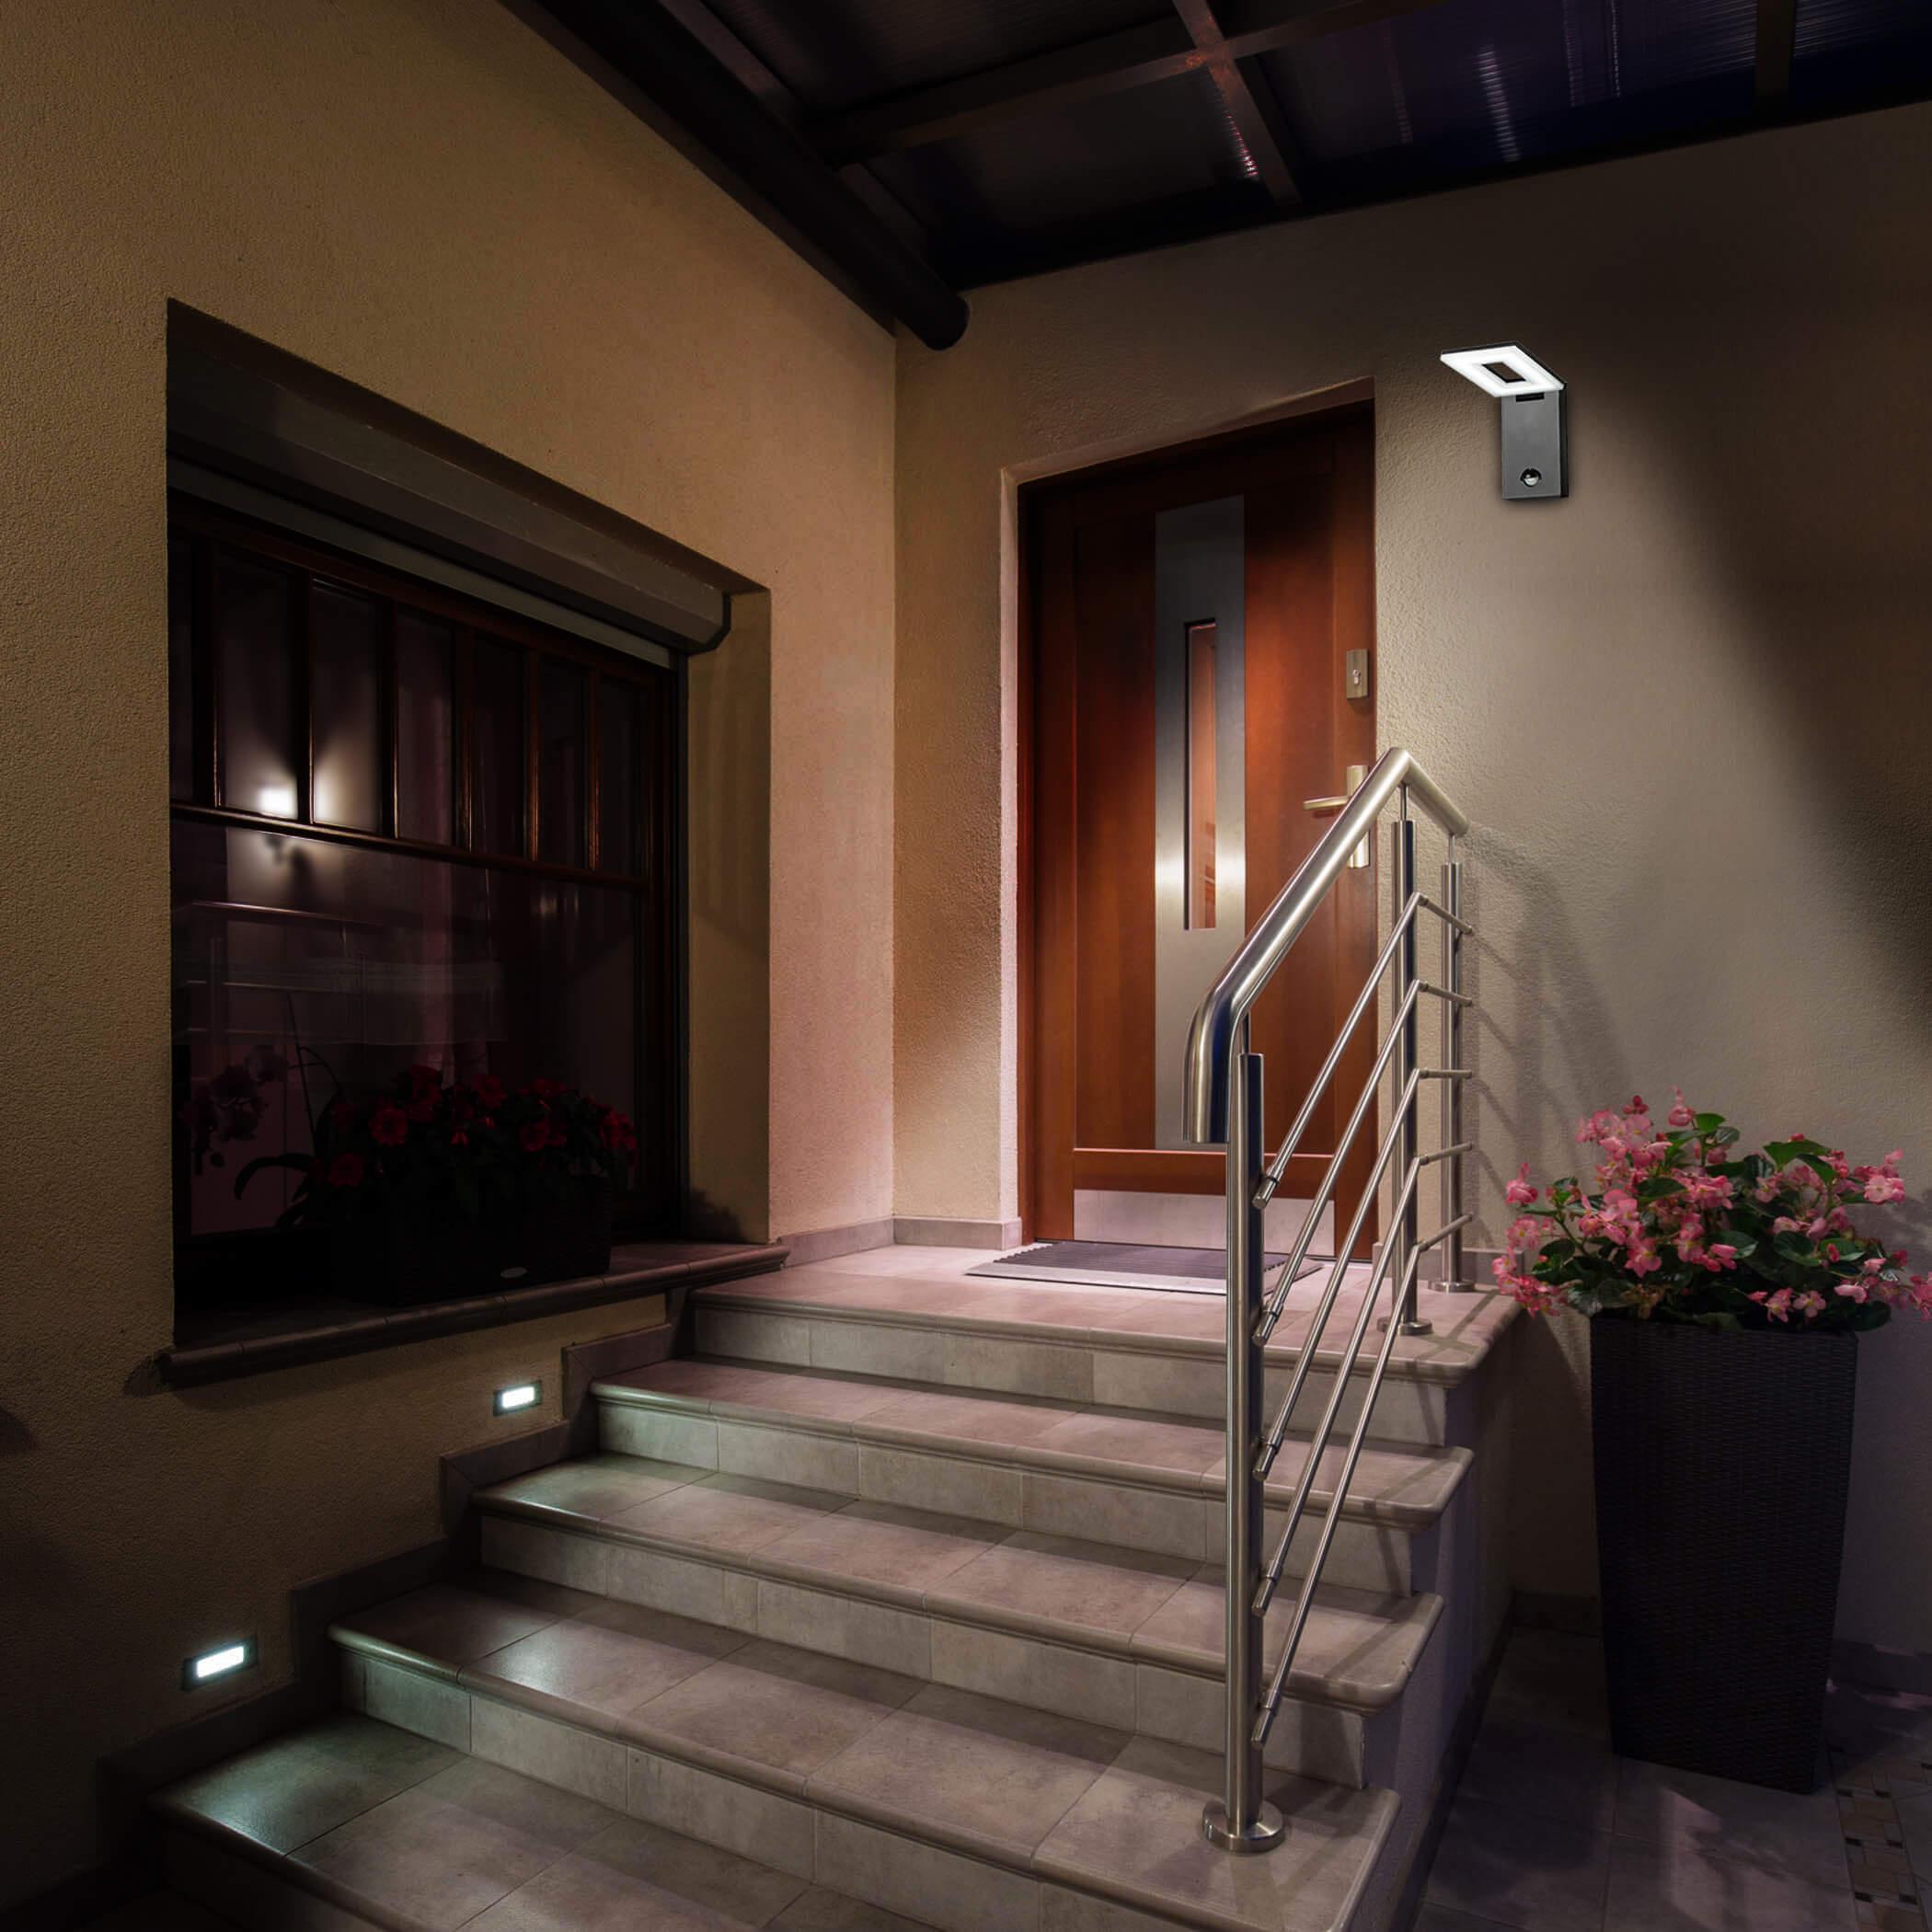 led au enleuchte mit bewegungsmelder 10w. Black Bedroom Furniture Sets. Home Design Ideas